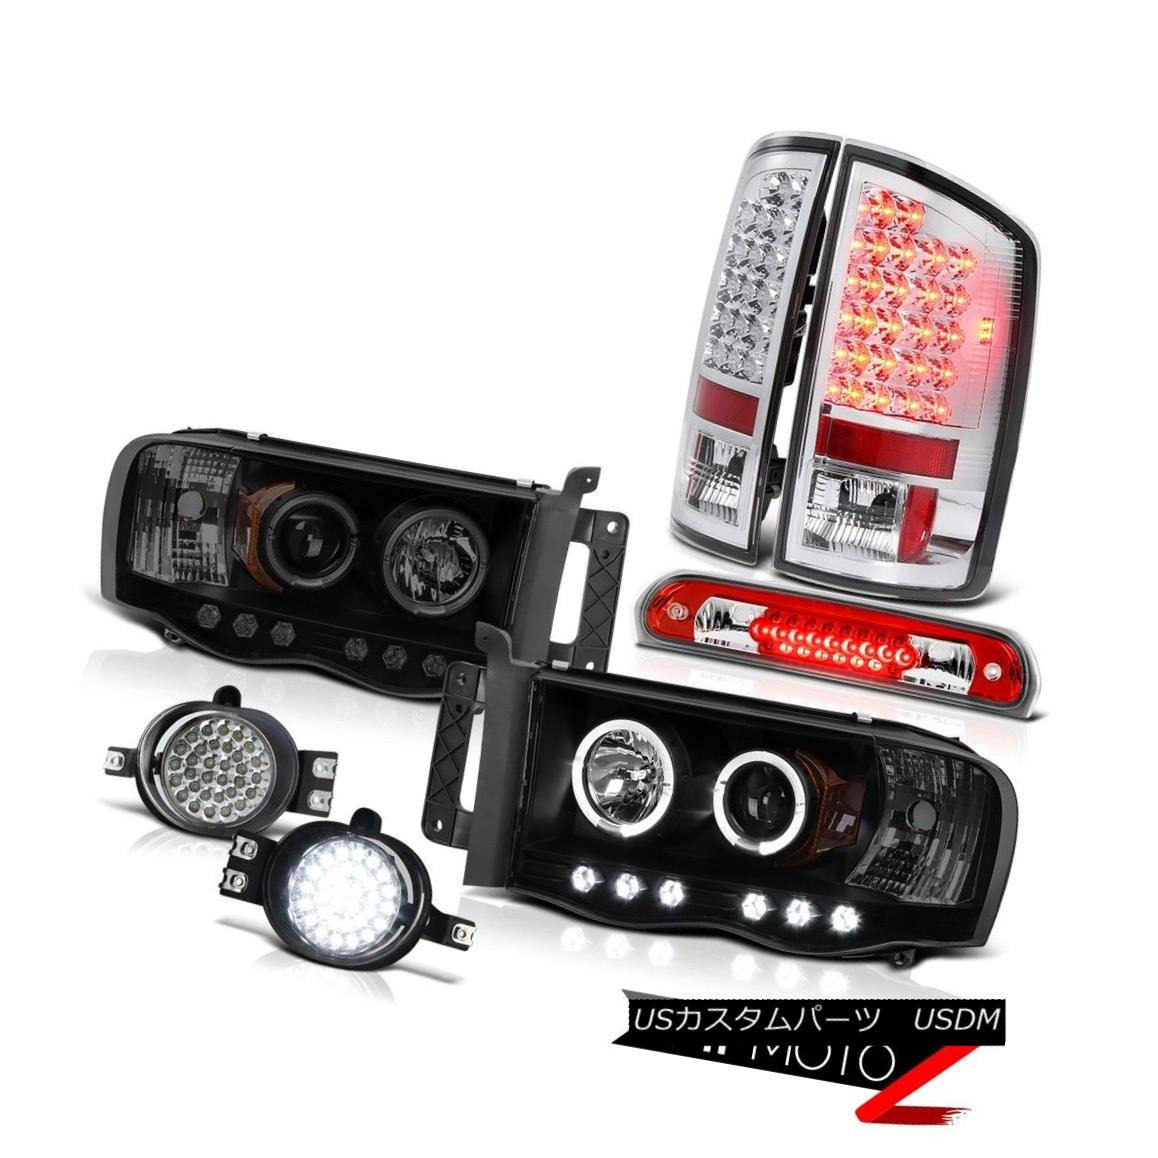 テールライト 02-05 Ram V6 SMD DRL Headlamps Rear Tail Lights LED Driving Fog Red Third Brake 02-05 Ram V6 SMD DRLヘッドランプリアテールライトLED駆動フォグレッド第3ブレーキ